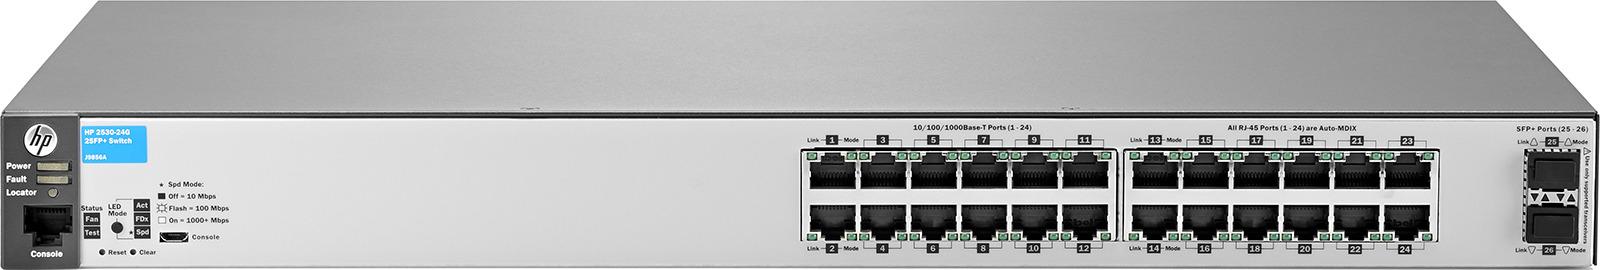 Коммутатор HPE 2530-24G-2SFP+, управляемый, J9856A цены